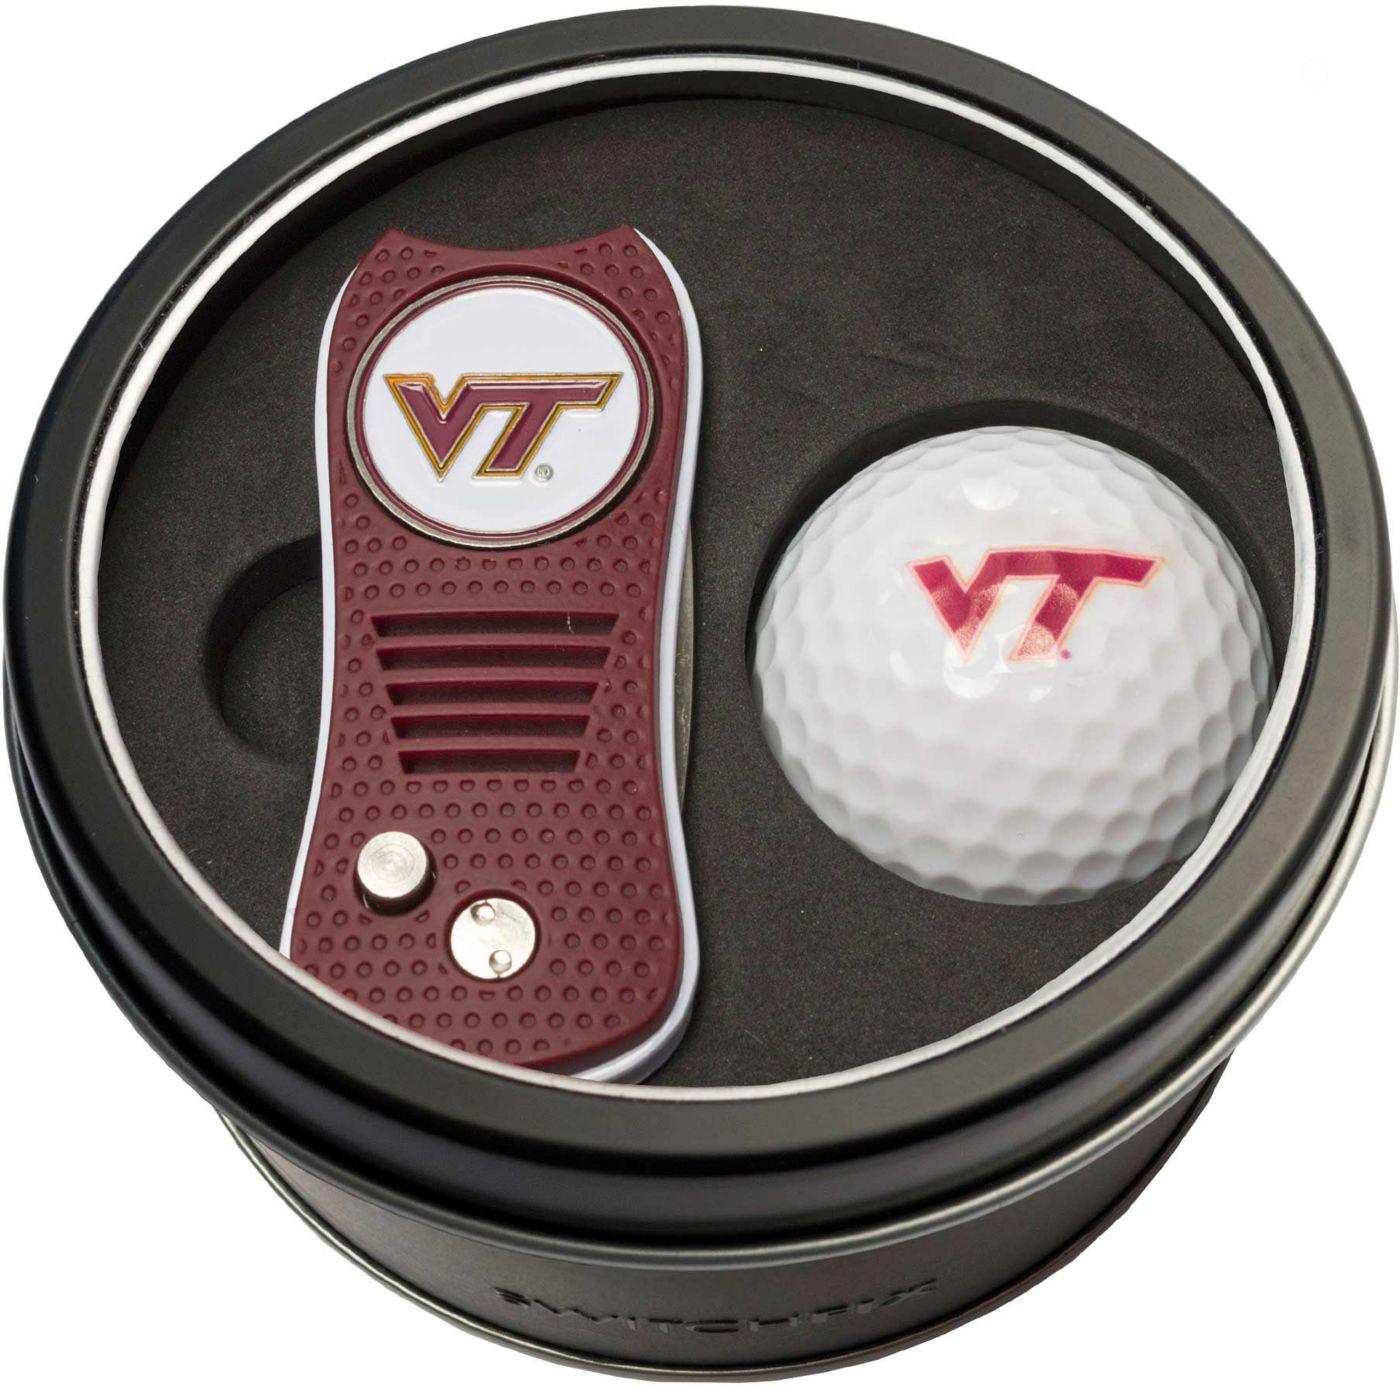 Team Golf Virginia Tech Hokies Switchfix Divot Tool and Golf Ball Set